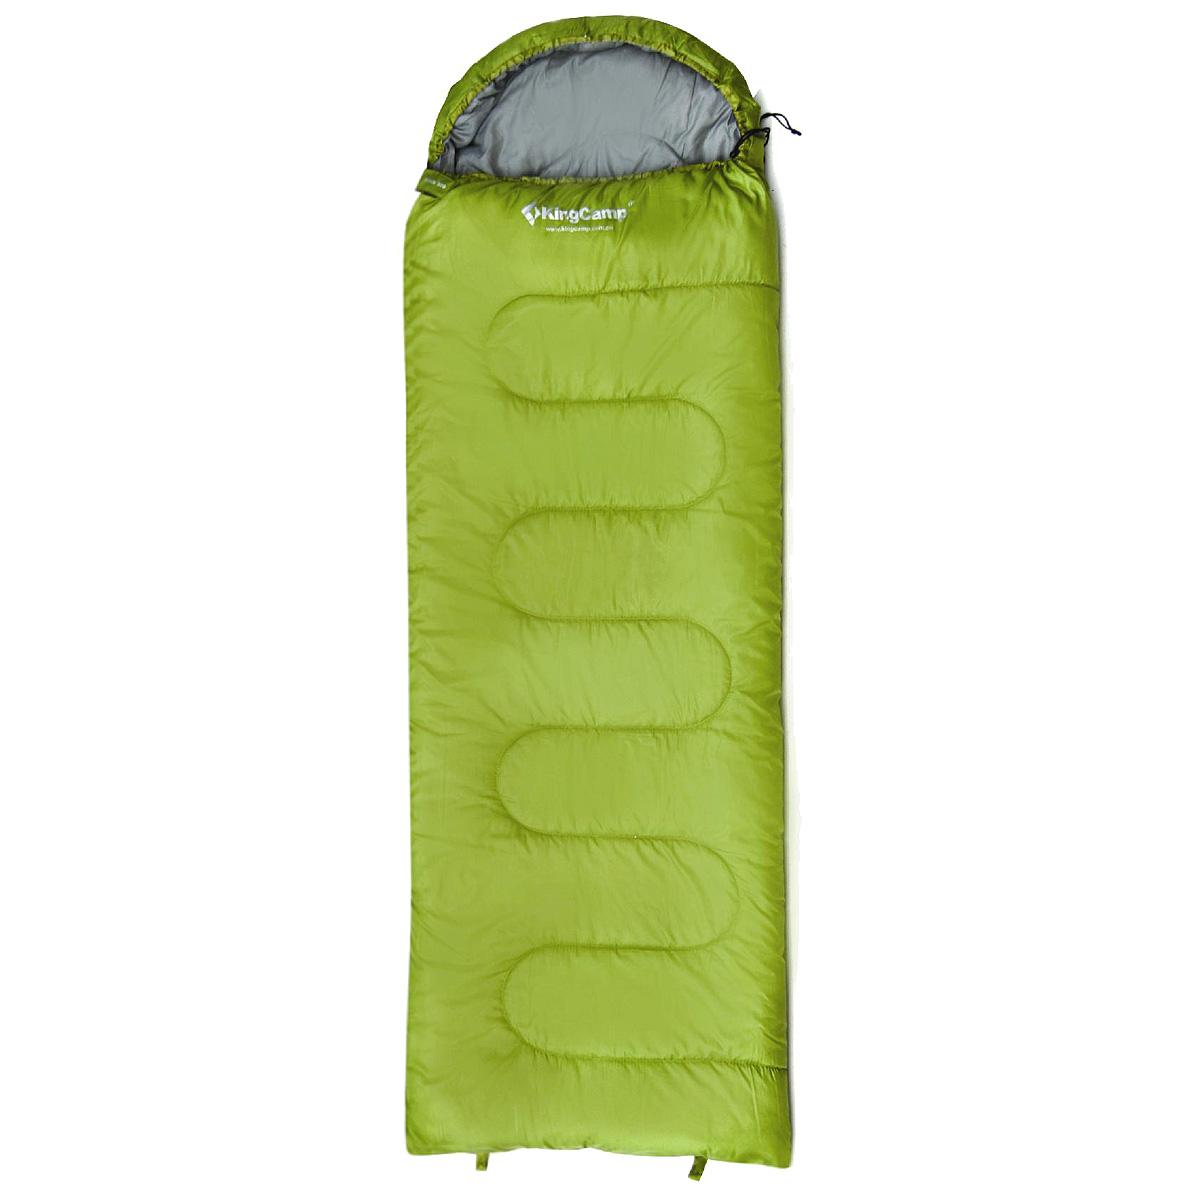 Спальный мешок-одеяло KingCamp Oasis 300 KS3151, правосторонняя молния, цвет: зеленый010-01199-23Комфортный спальник-одеяло имеет прямоугольную форму и одинаковую ширину как вверху, так и внизу, благодаря чему ноги чувствуют себя более свободно. Молния располагается на боковой стороне, благодаря чему при её расстёгивании спальник превращается в довольно большое одеяло.